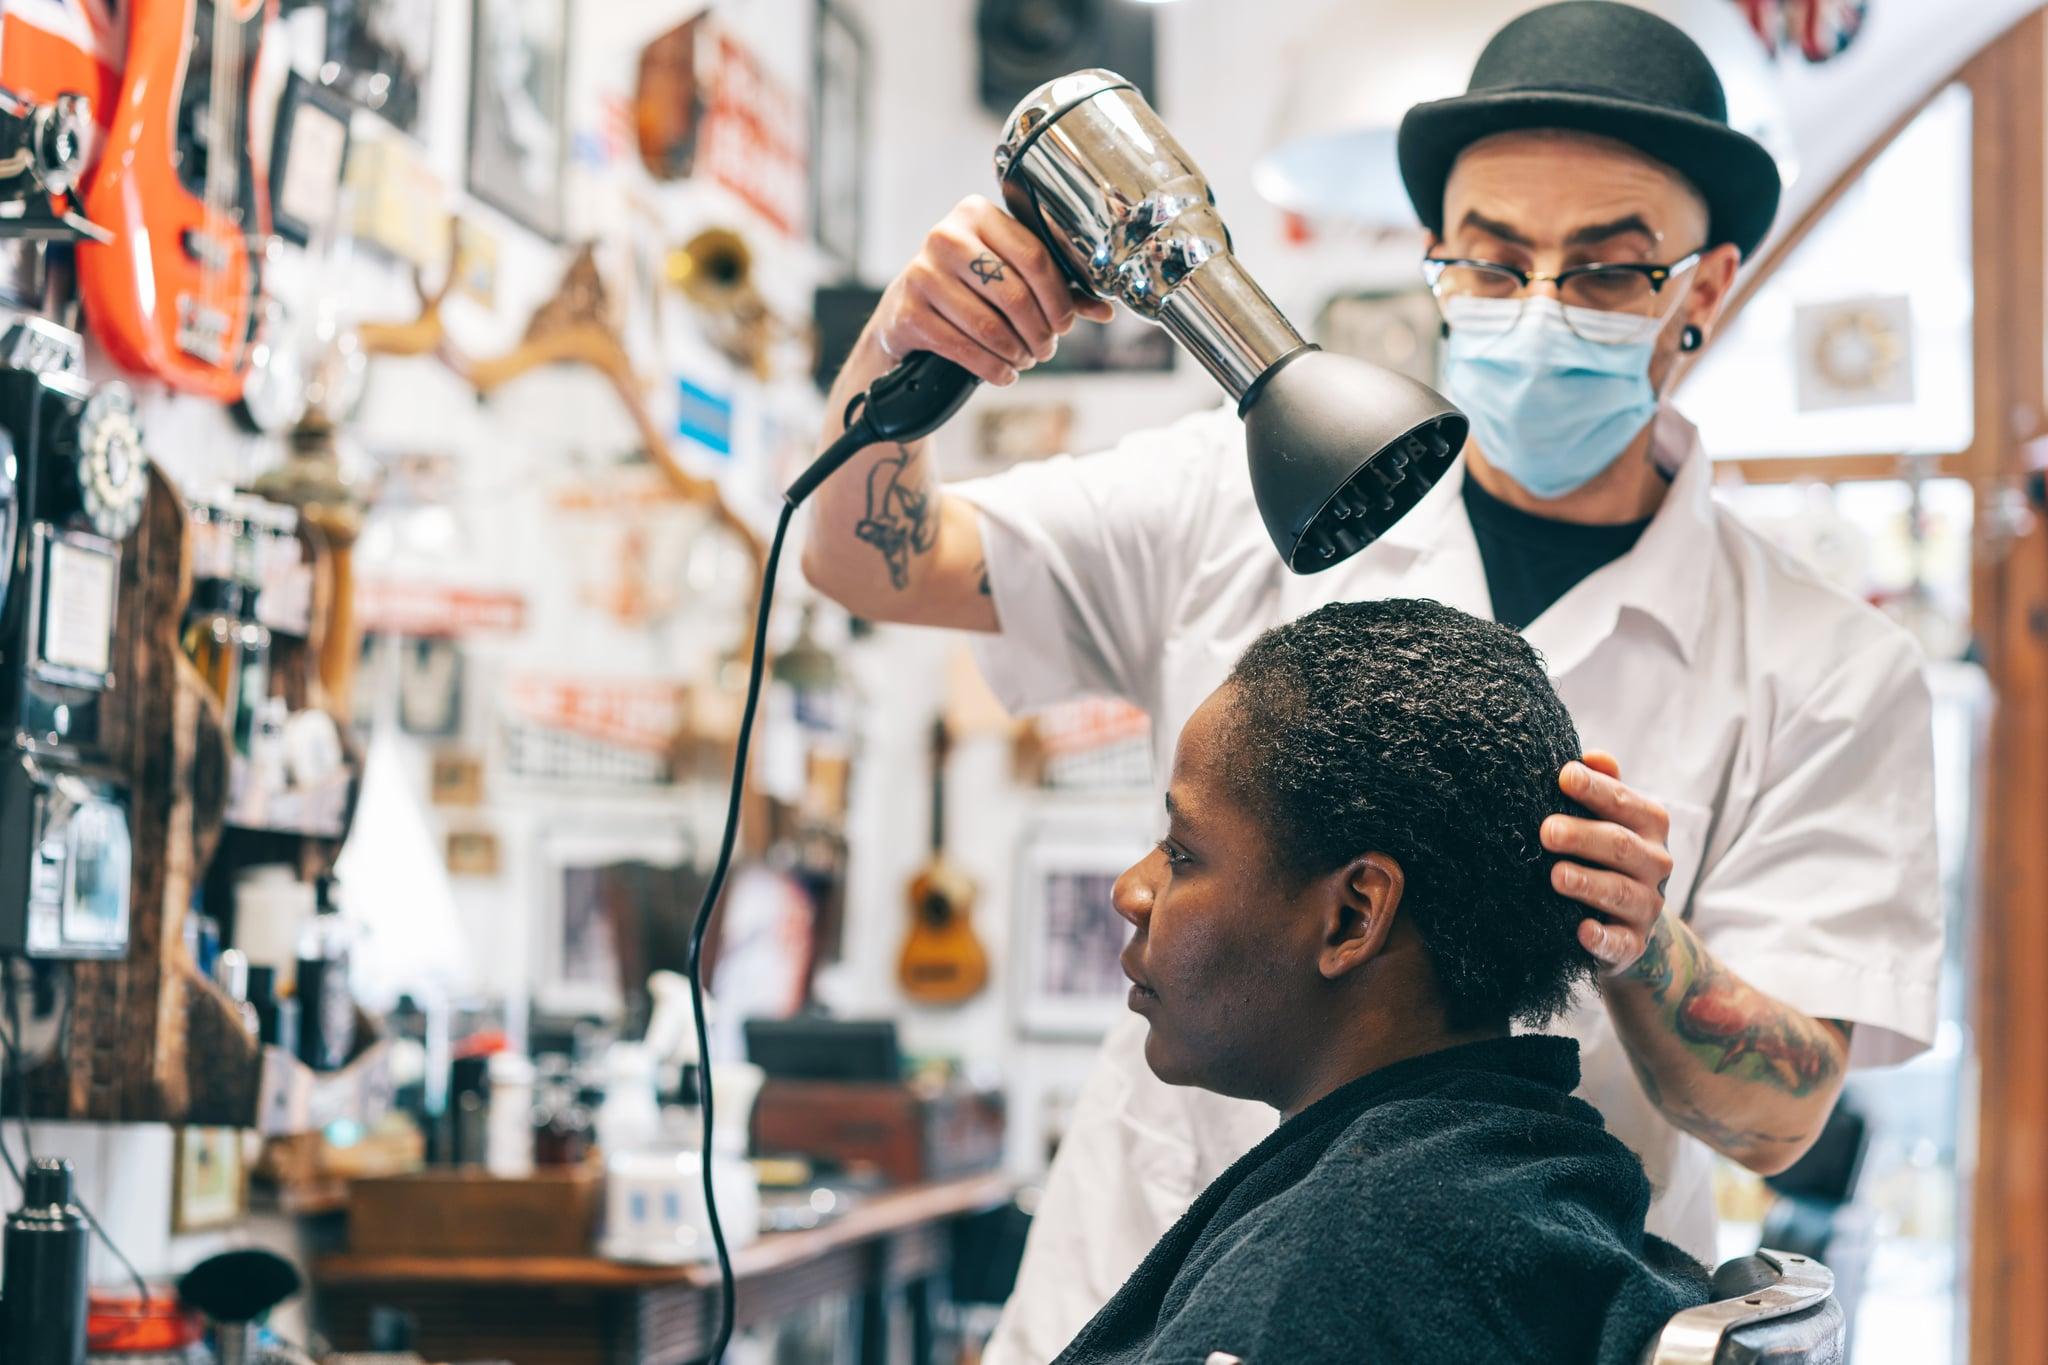 آرایشگاه مرد با ماسک محافظ صورت و خشک کردن موهای زن با سشوار در استودیوی زیبایی